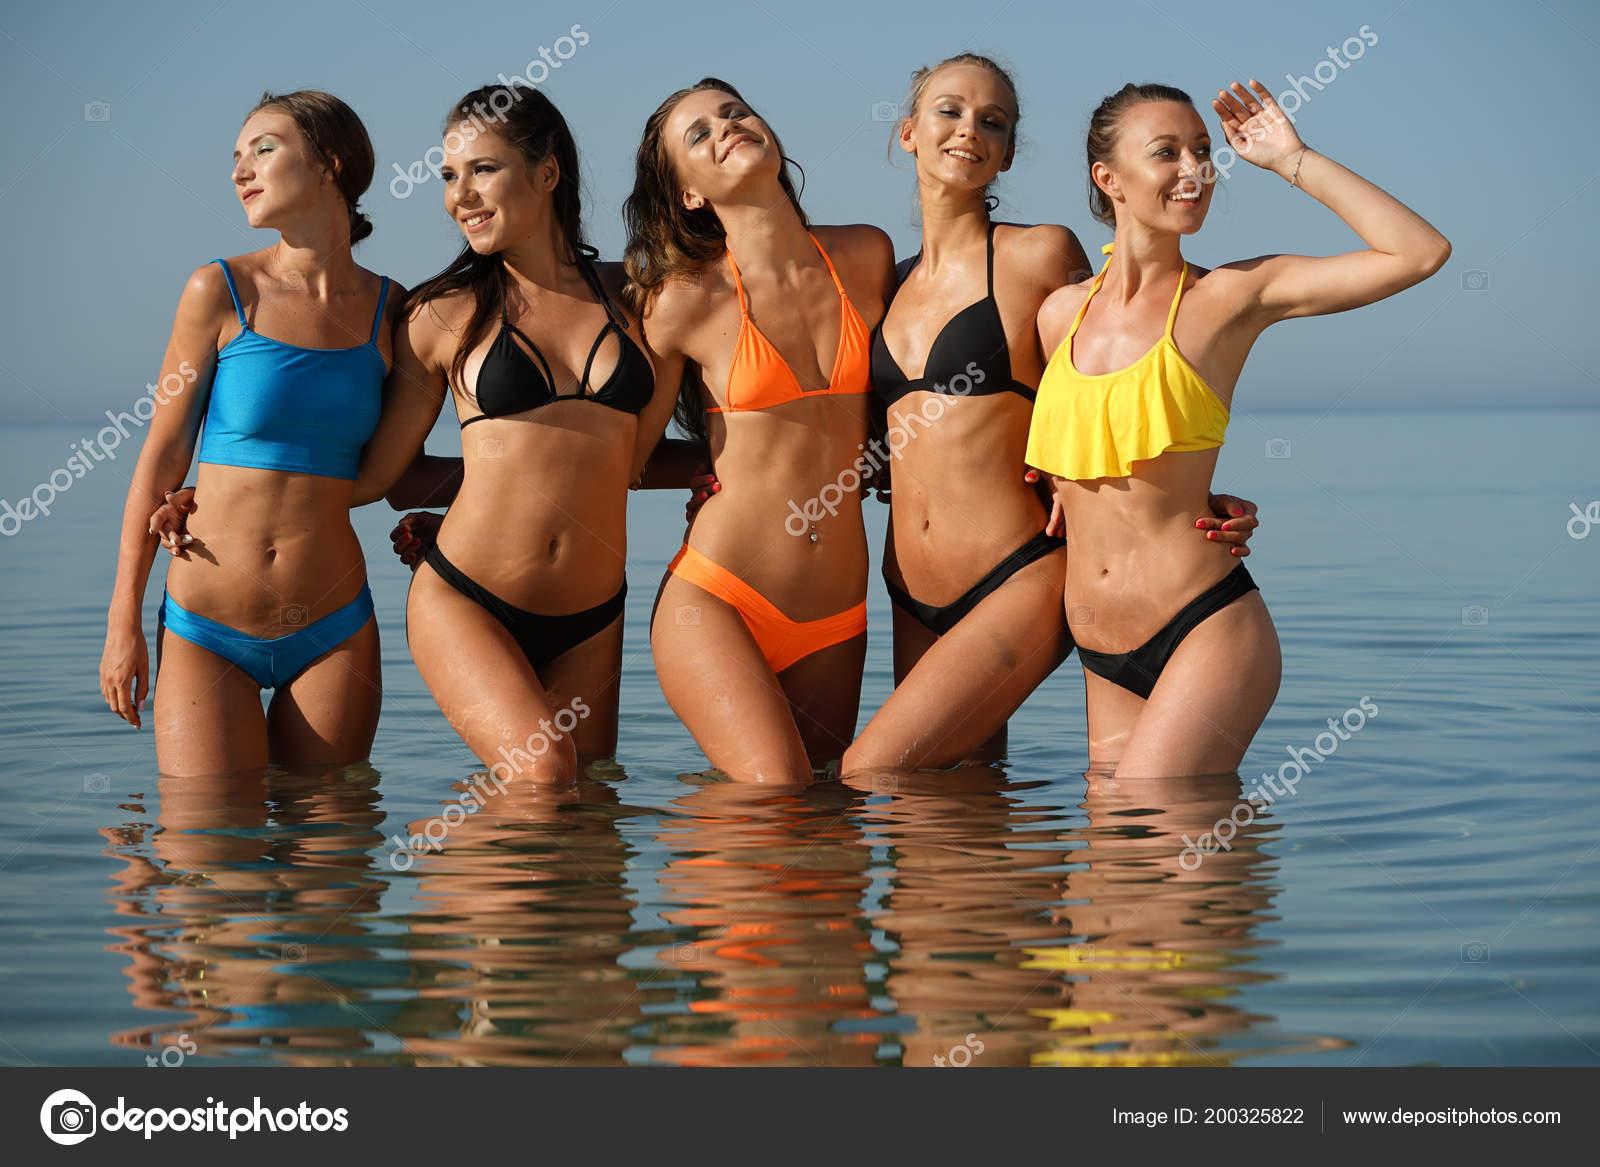 Фотографии женщин стоящих в воде цены